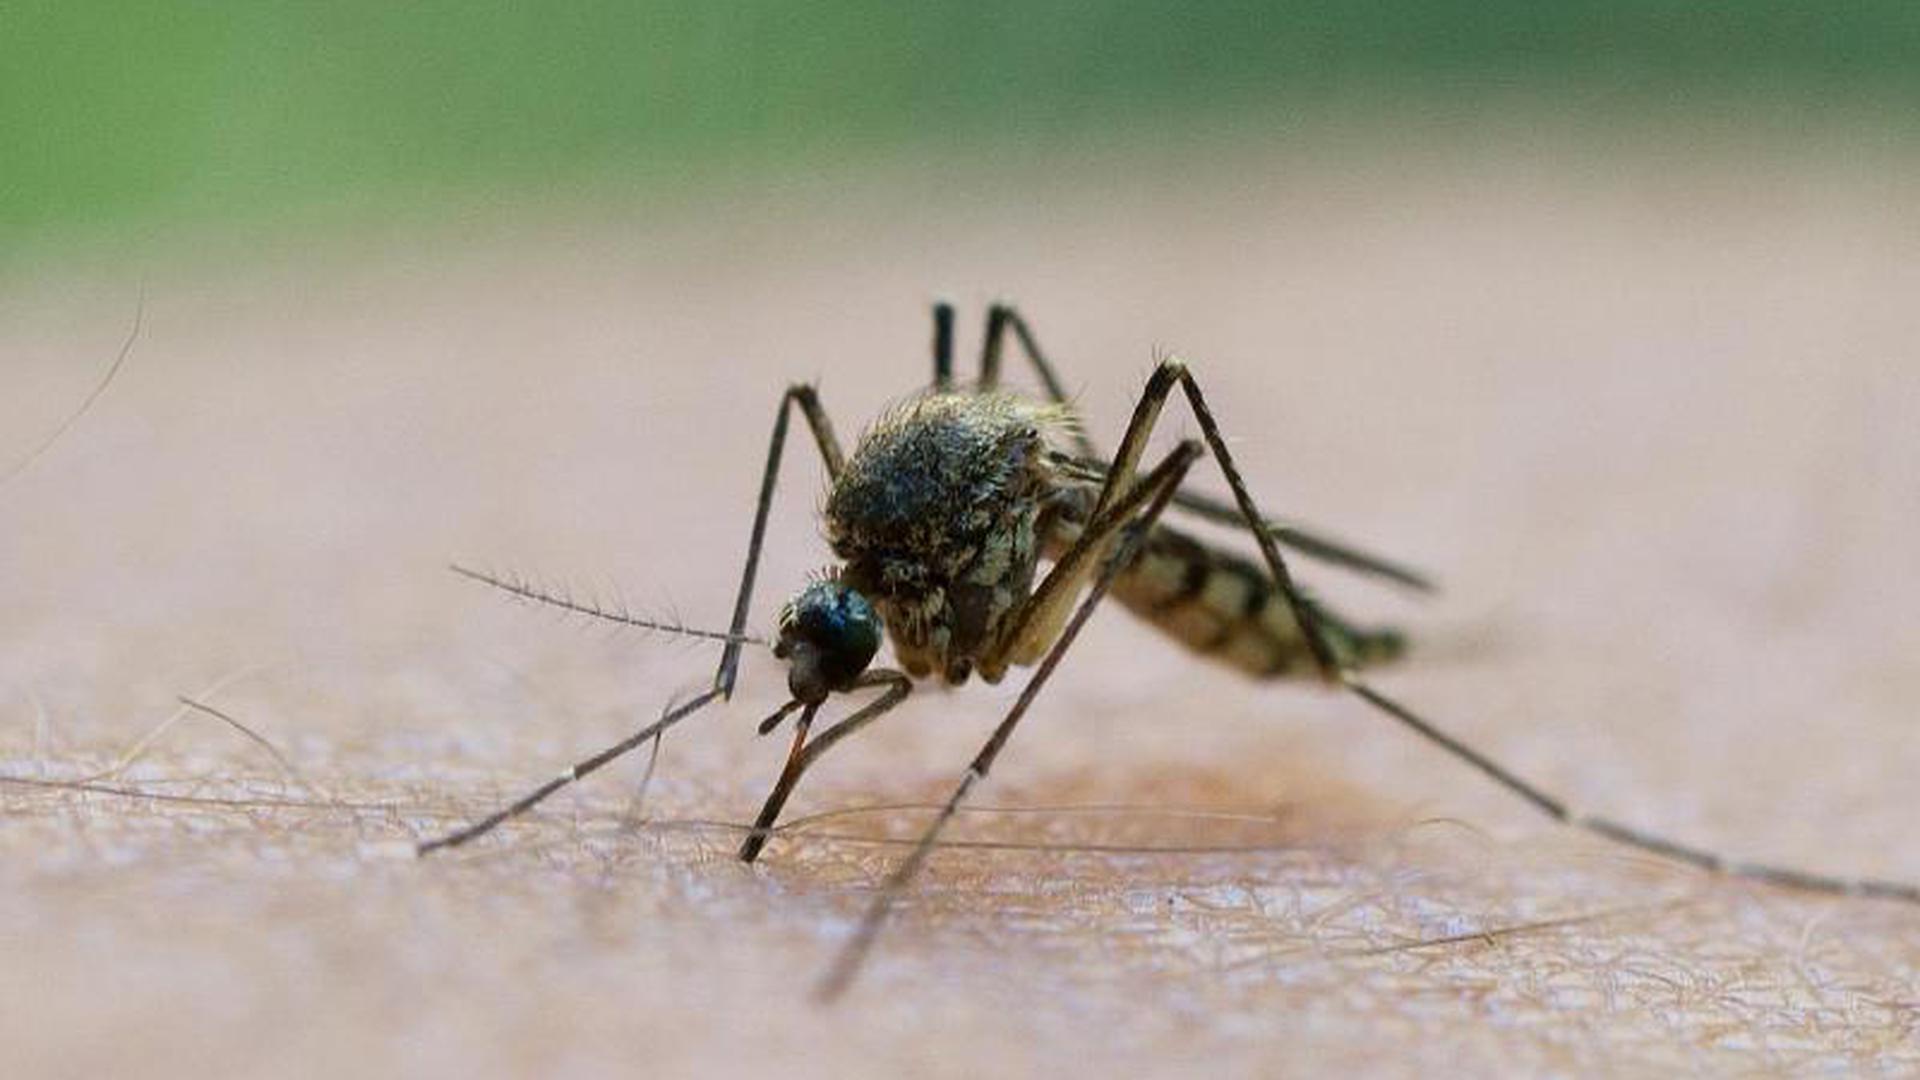 Eine Mücke saugt Blut aus einem Arm